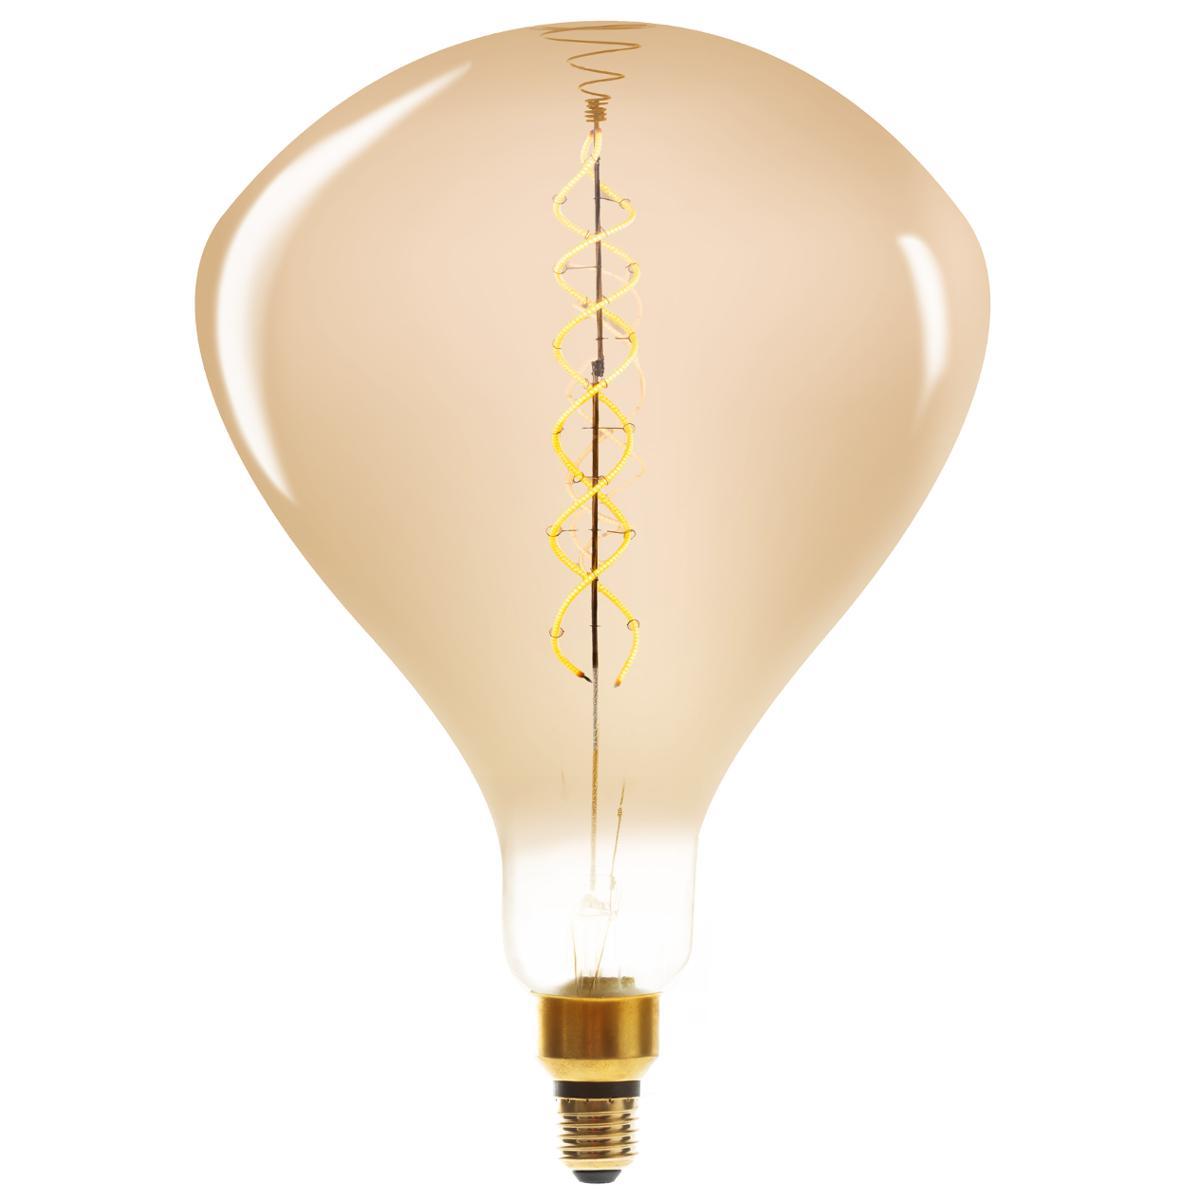 Ampoule LED Torsad Ambrée R250 6W